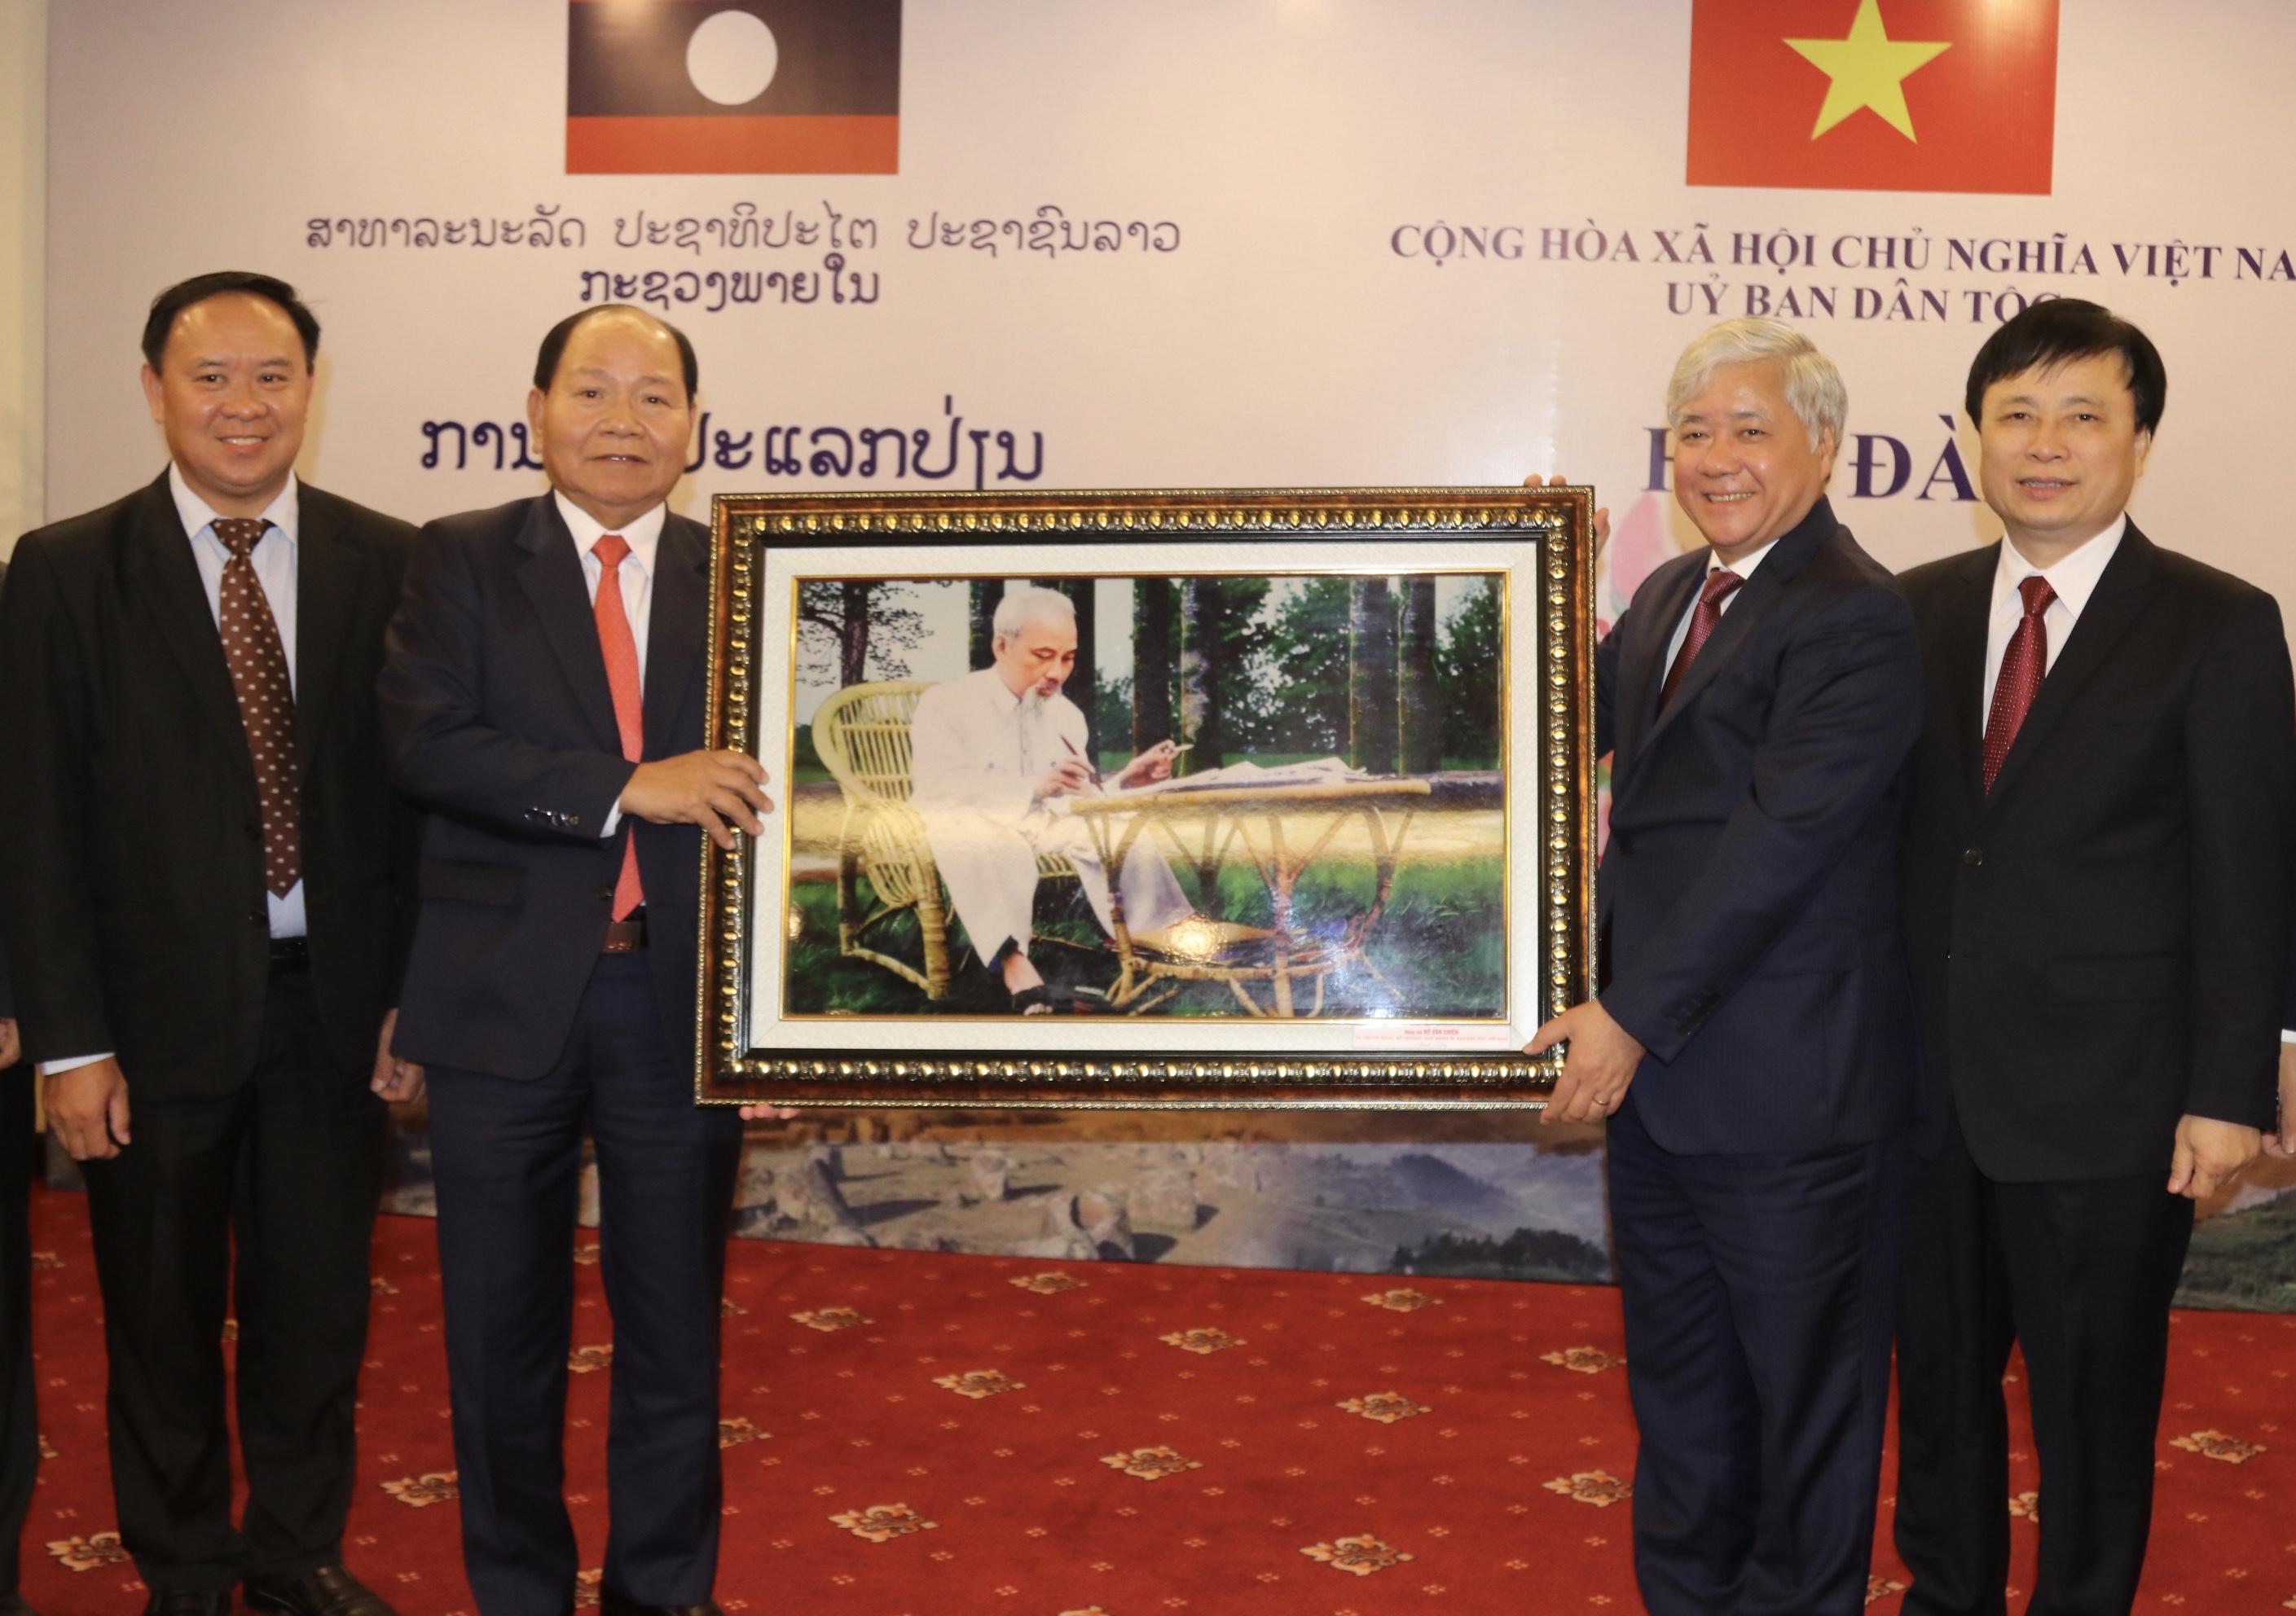 Bộ trưởng, Chủ nhiệm UBDT Đỗ Văn Chiến tặng bức tranh chân dung Bác Hồ cho Đoàn công tác Bộ Nội vụ Lào